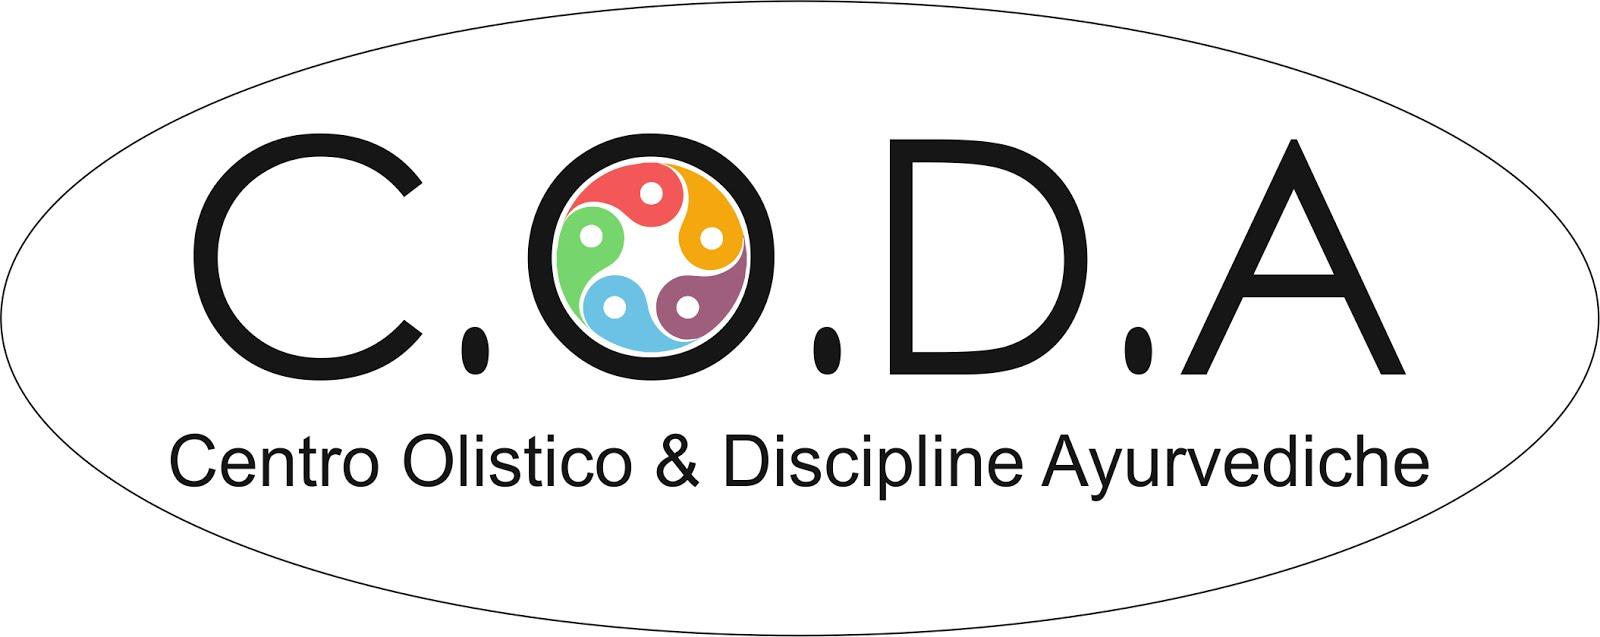 Centro Olistico e Discipline Ayurvediche